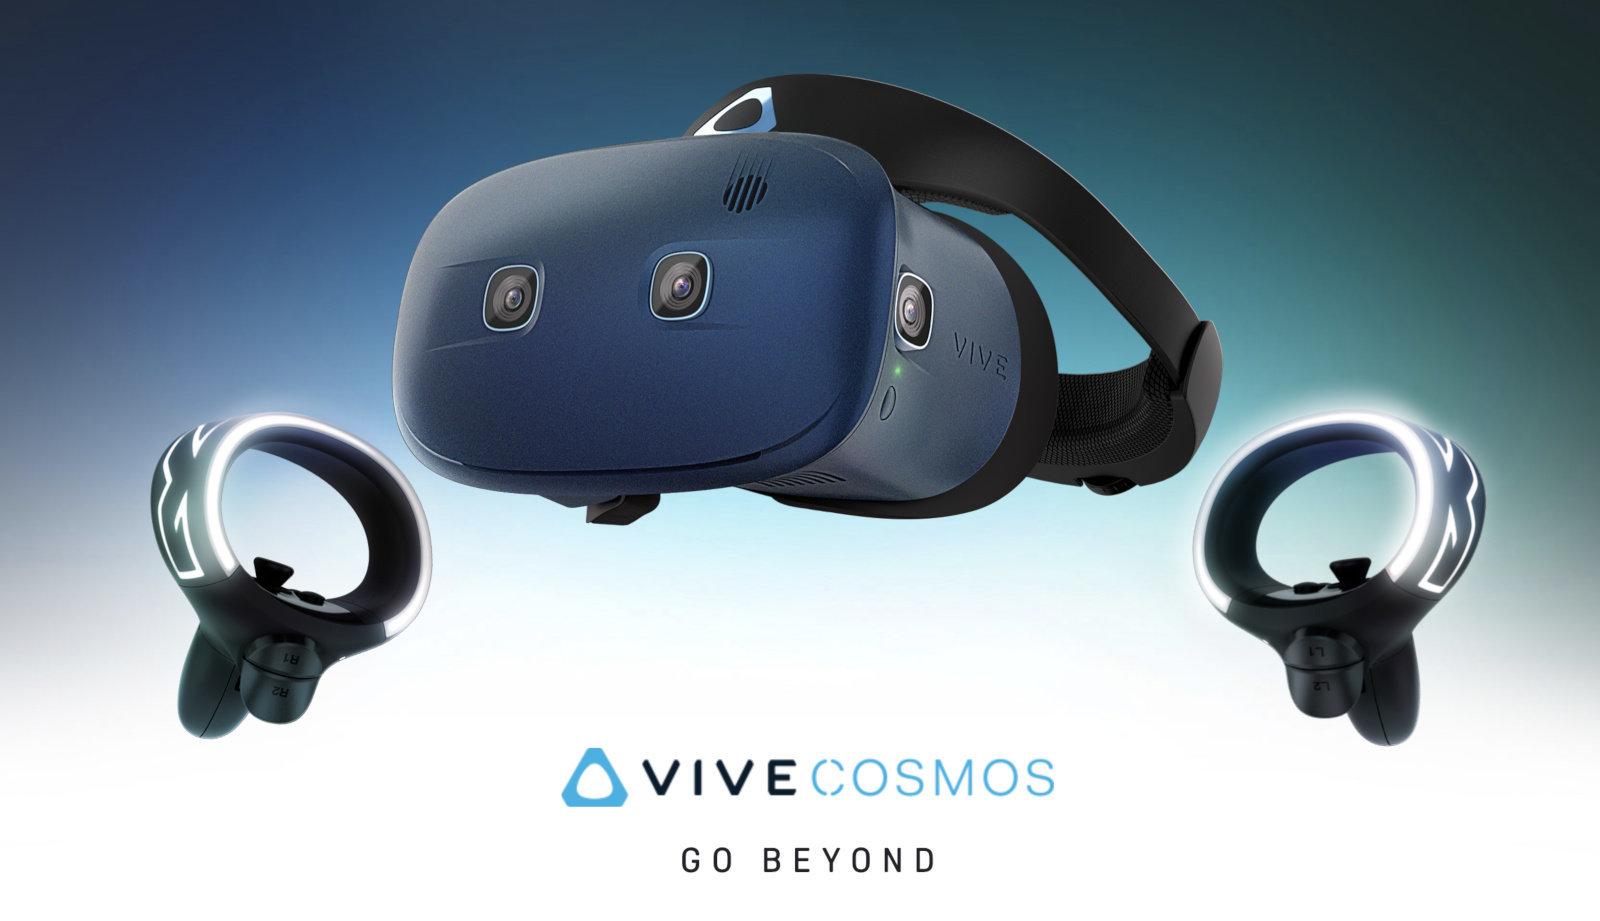 HTC Vive Cosmos la realtà virtuale passa per schermo più nitido e sei camere di tracciamento